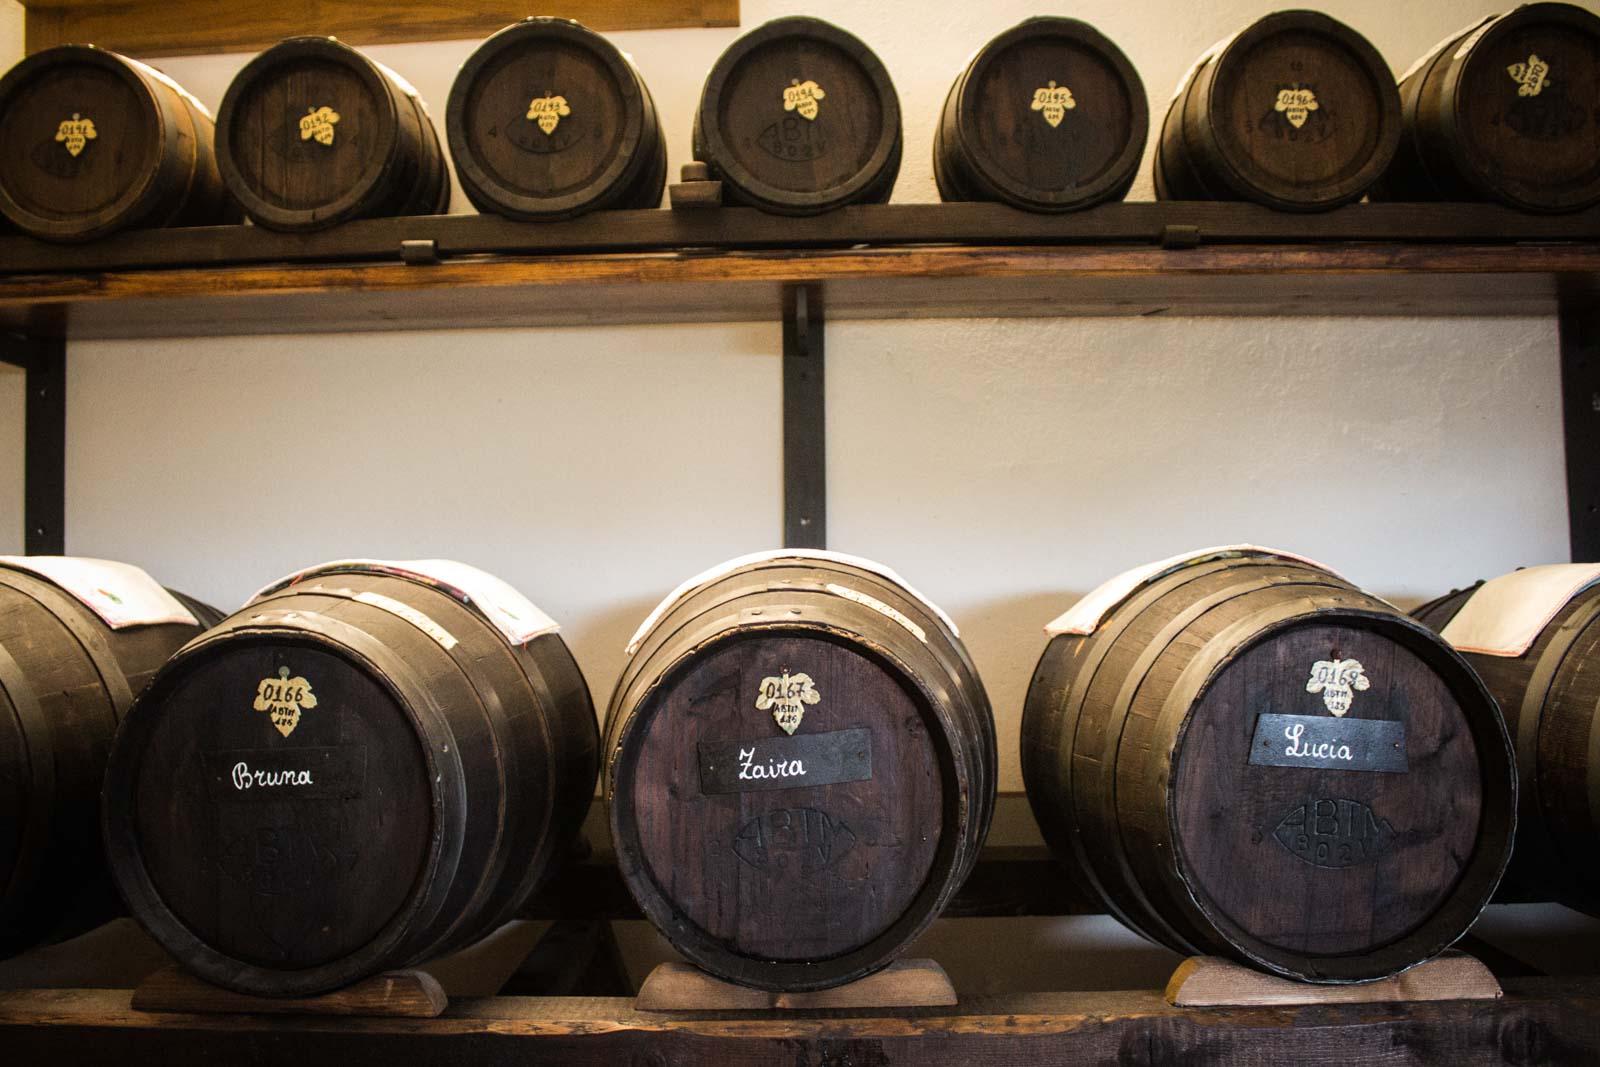 best balsamic vinegar in Modena, Italy